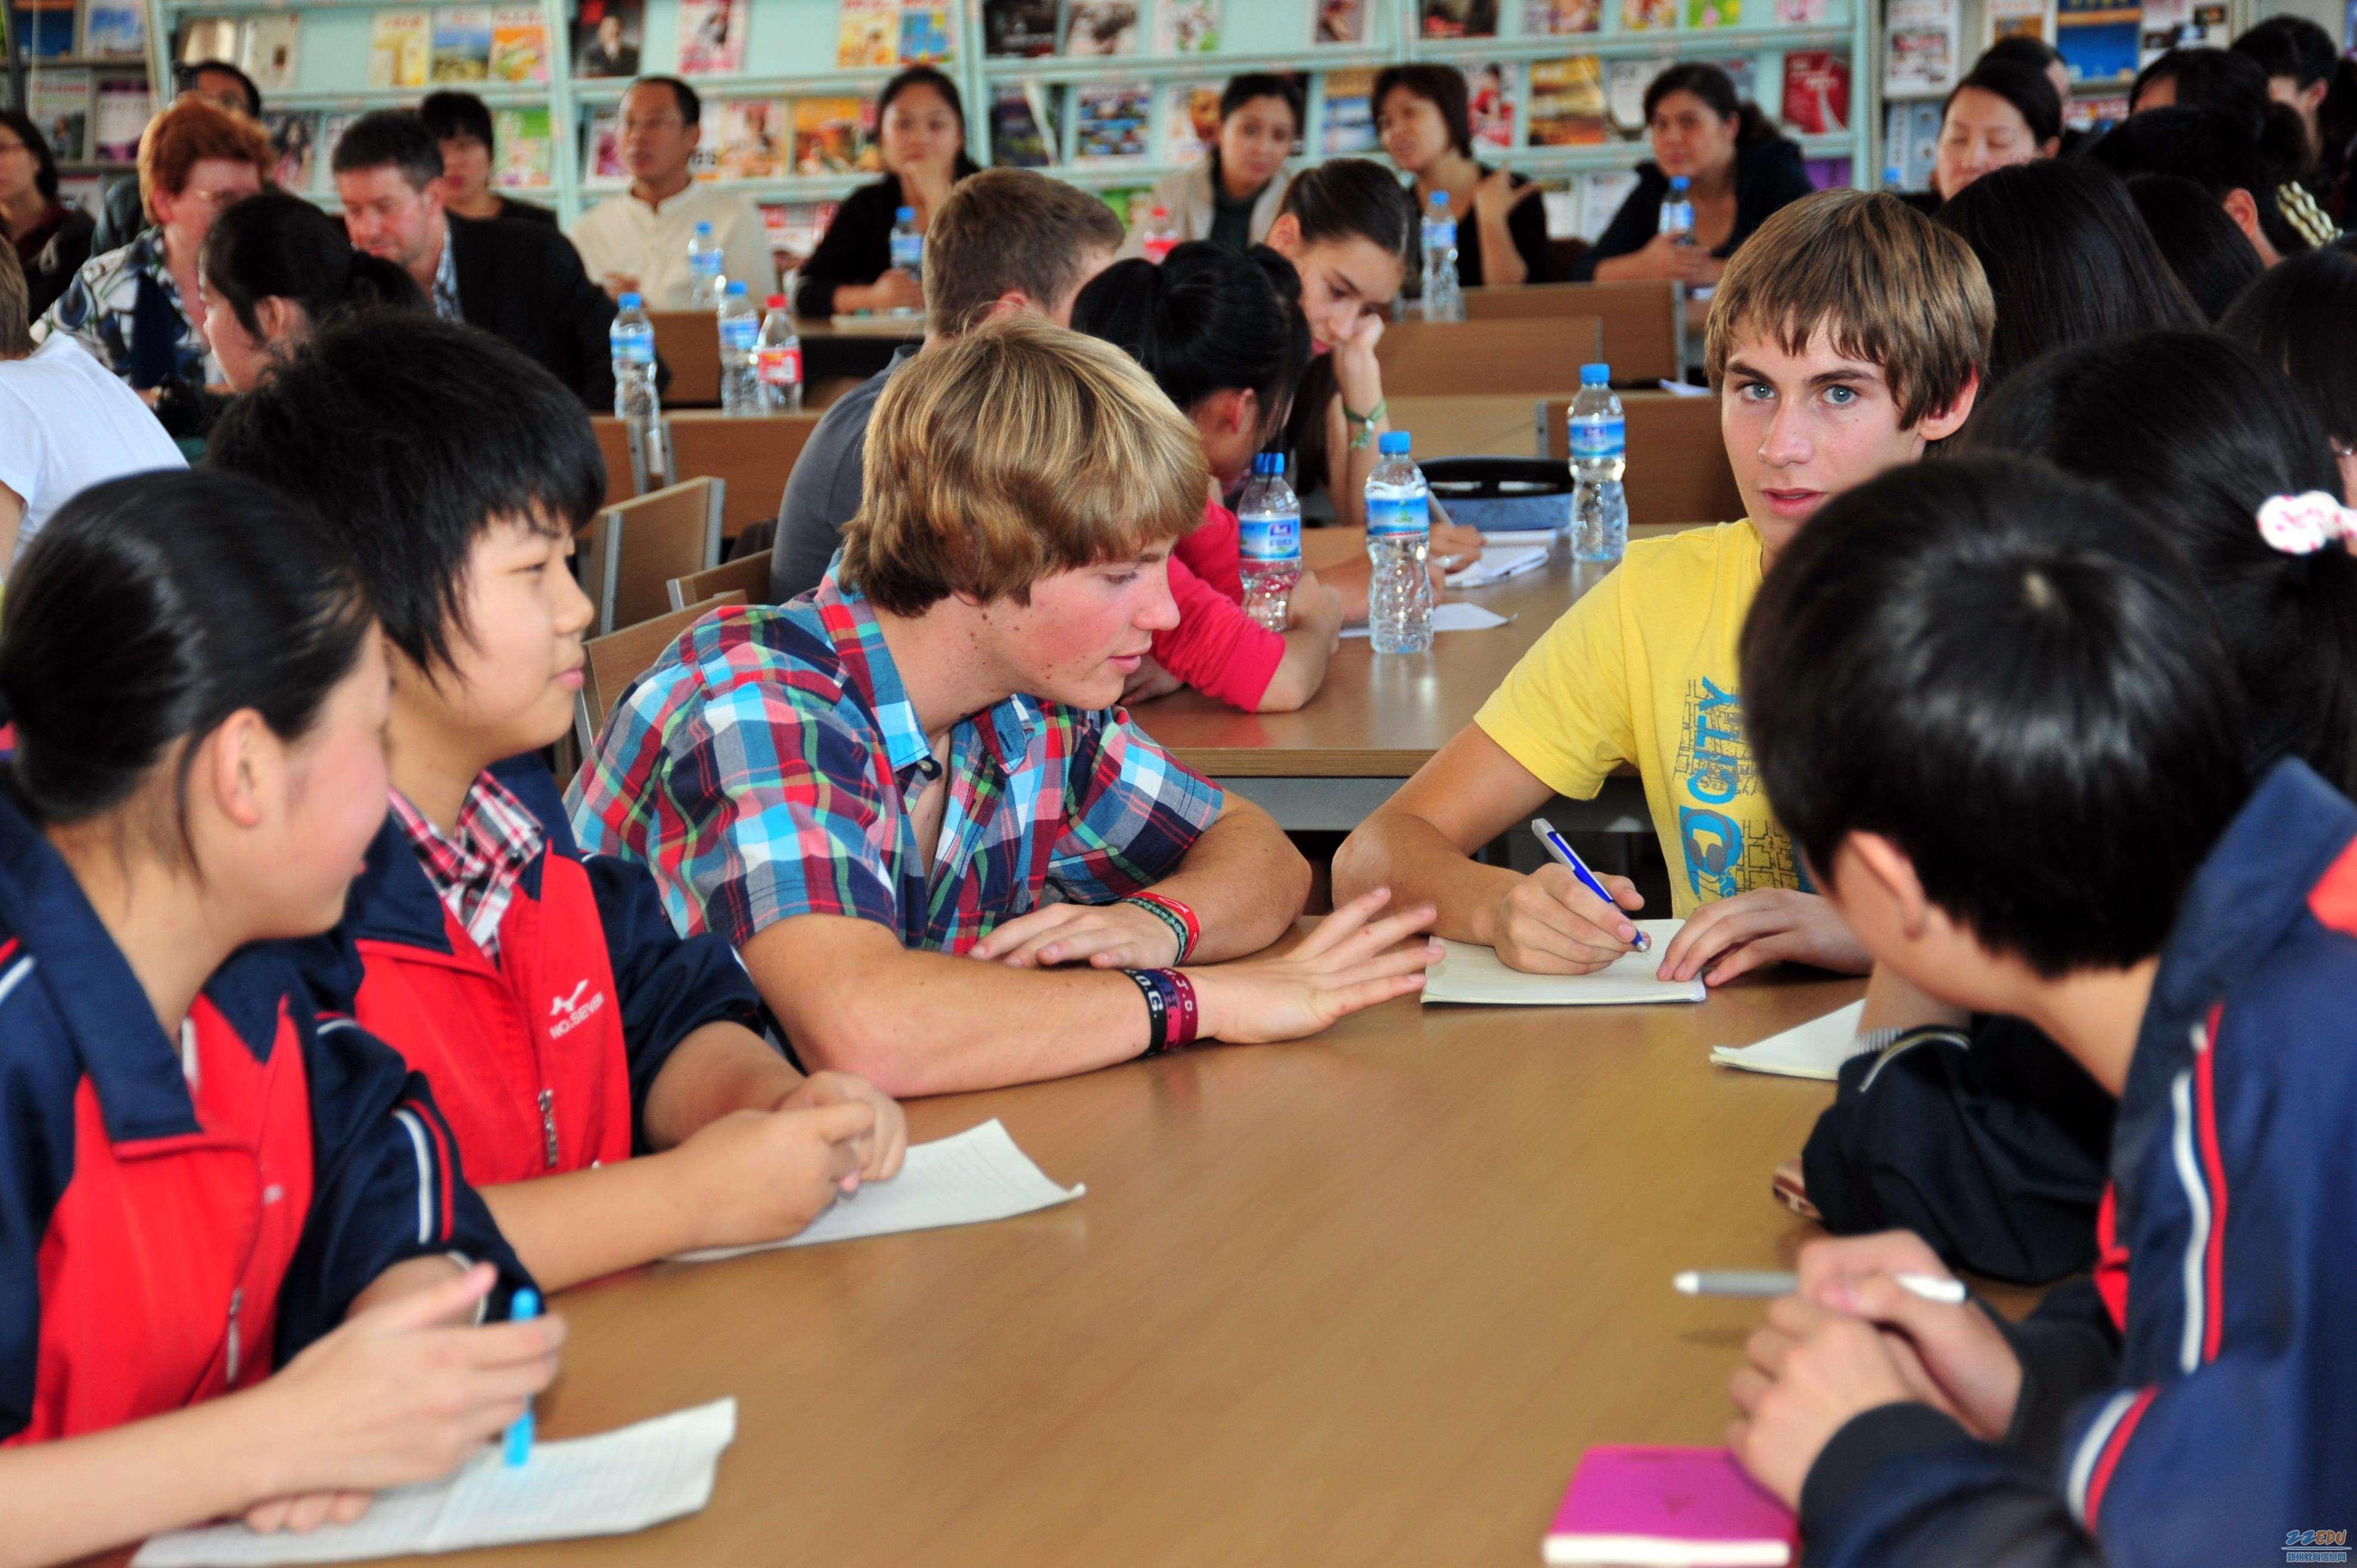 德国留学政策将在2020年发生改变,德语学习要趁早